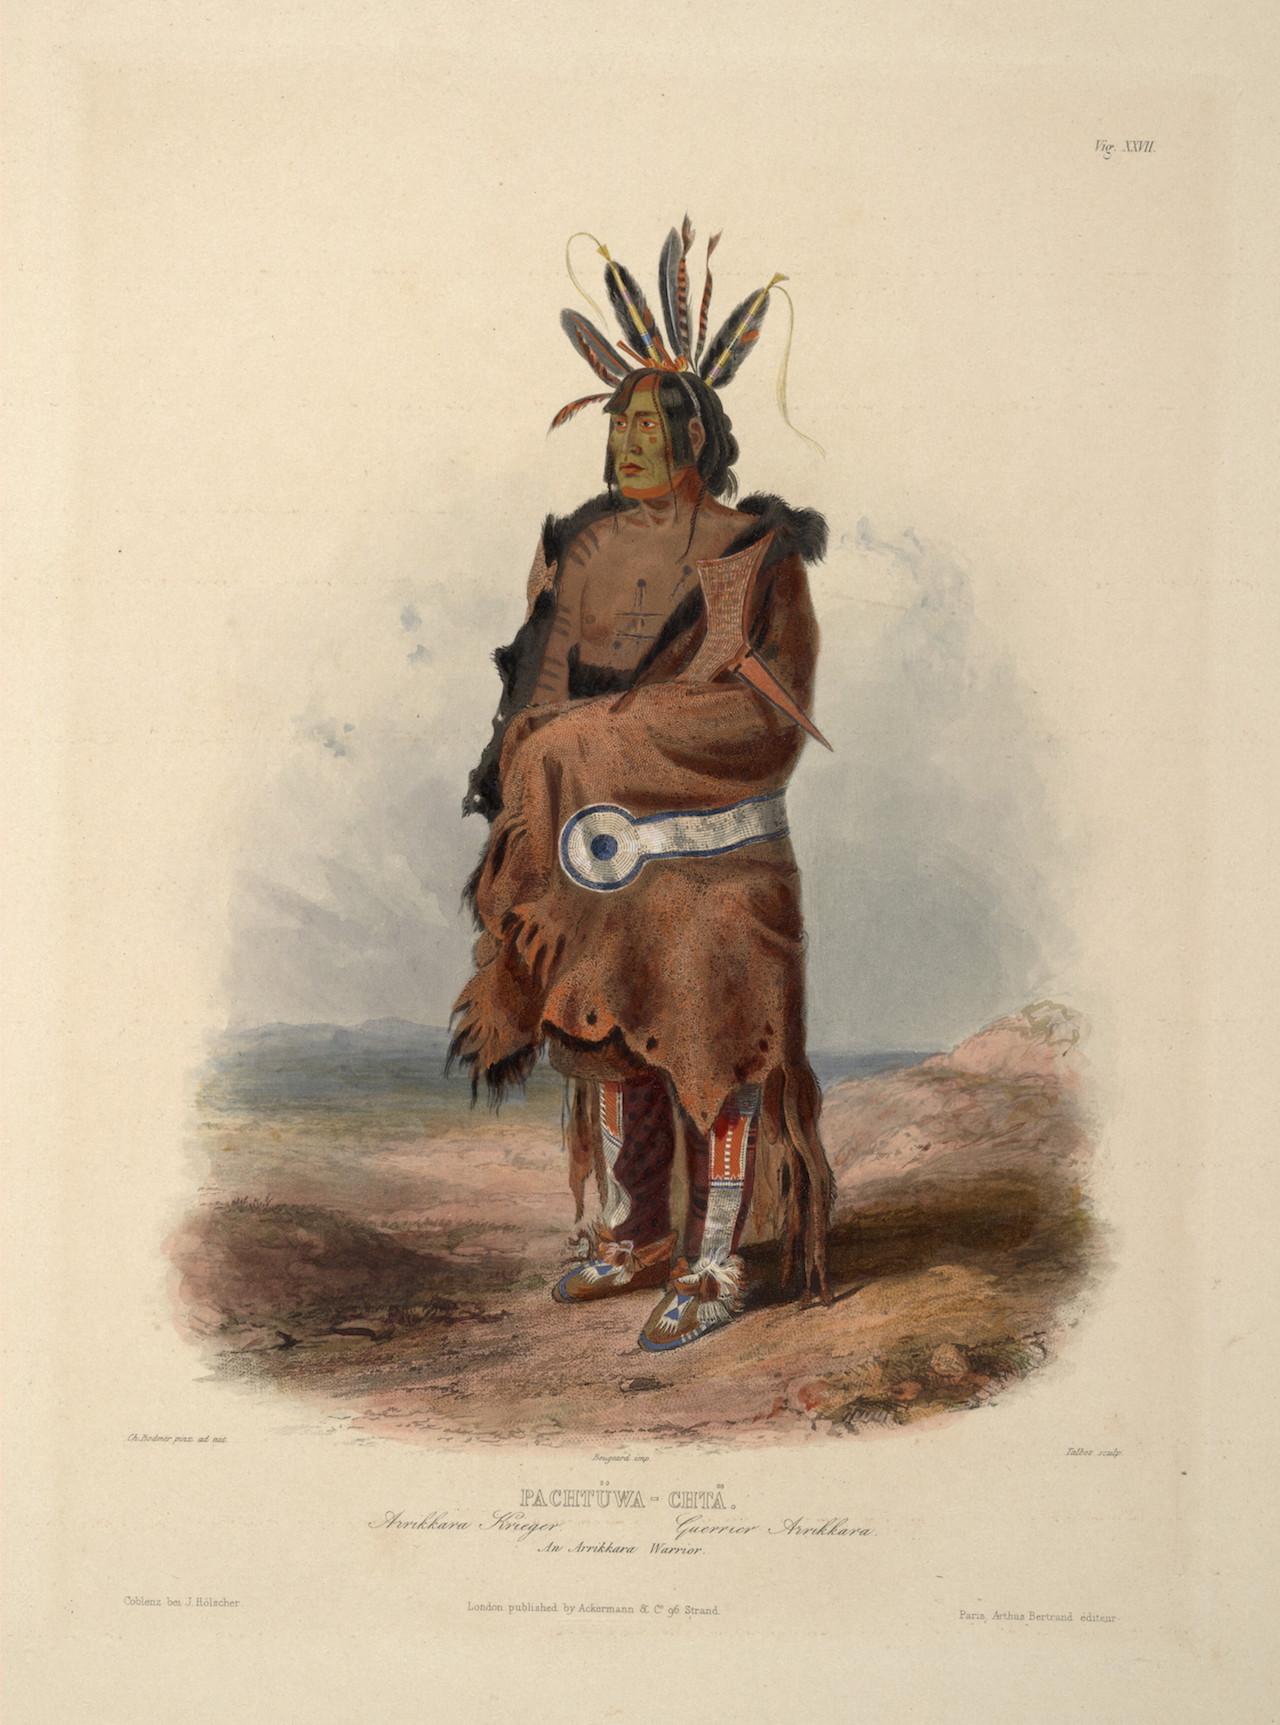 An 1834 depiction of an Arikara warrior by artist Karl Bodmer.